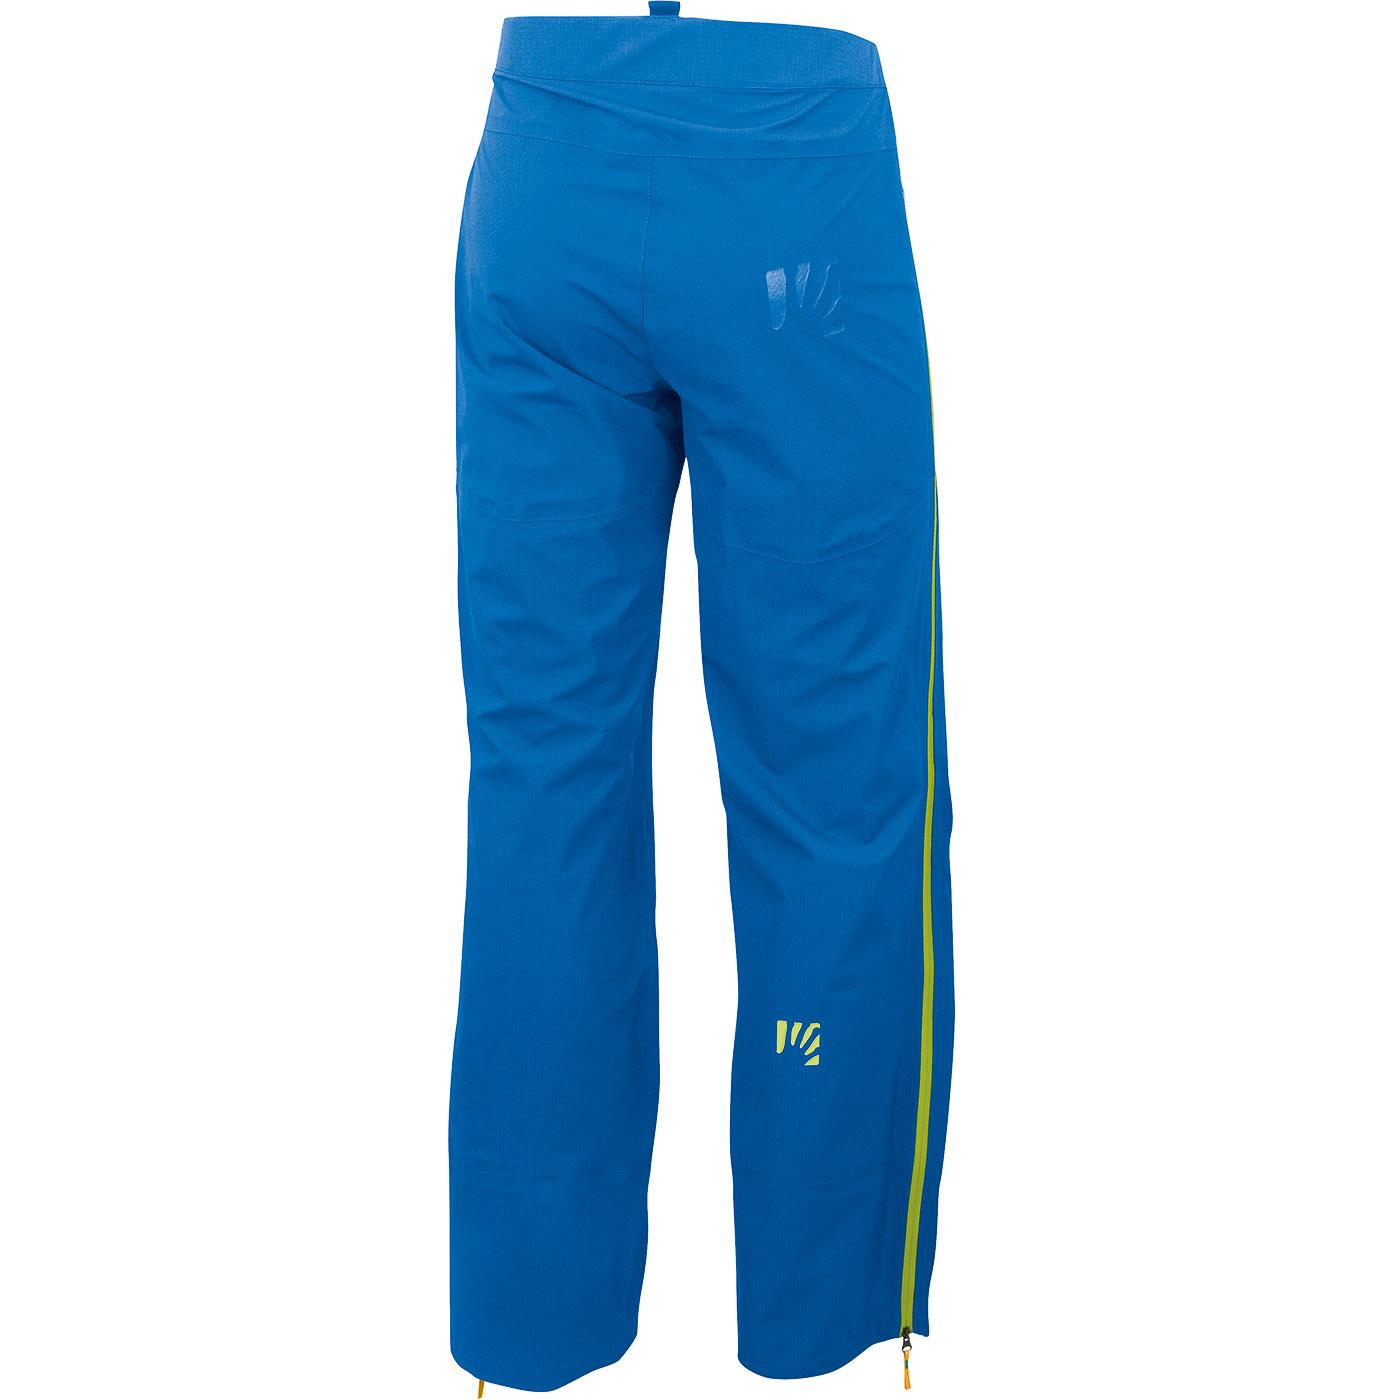 f943c7171557 Karpos STORM nohavice modré. Pre absolútny zážitok prosím použite prehliadač  s javascriptom